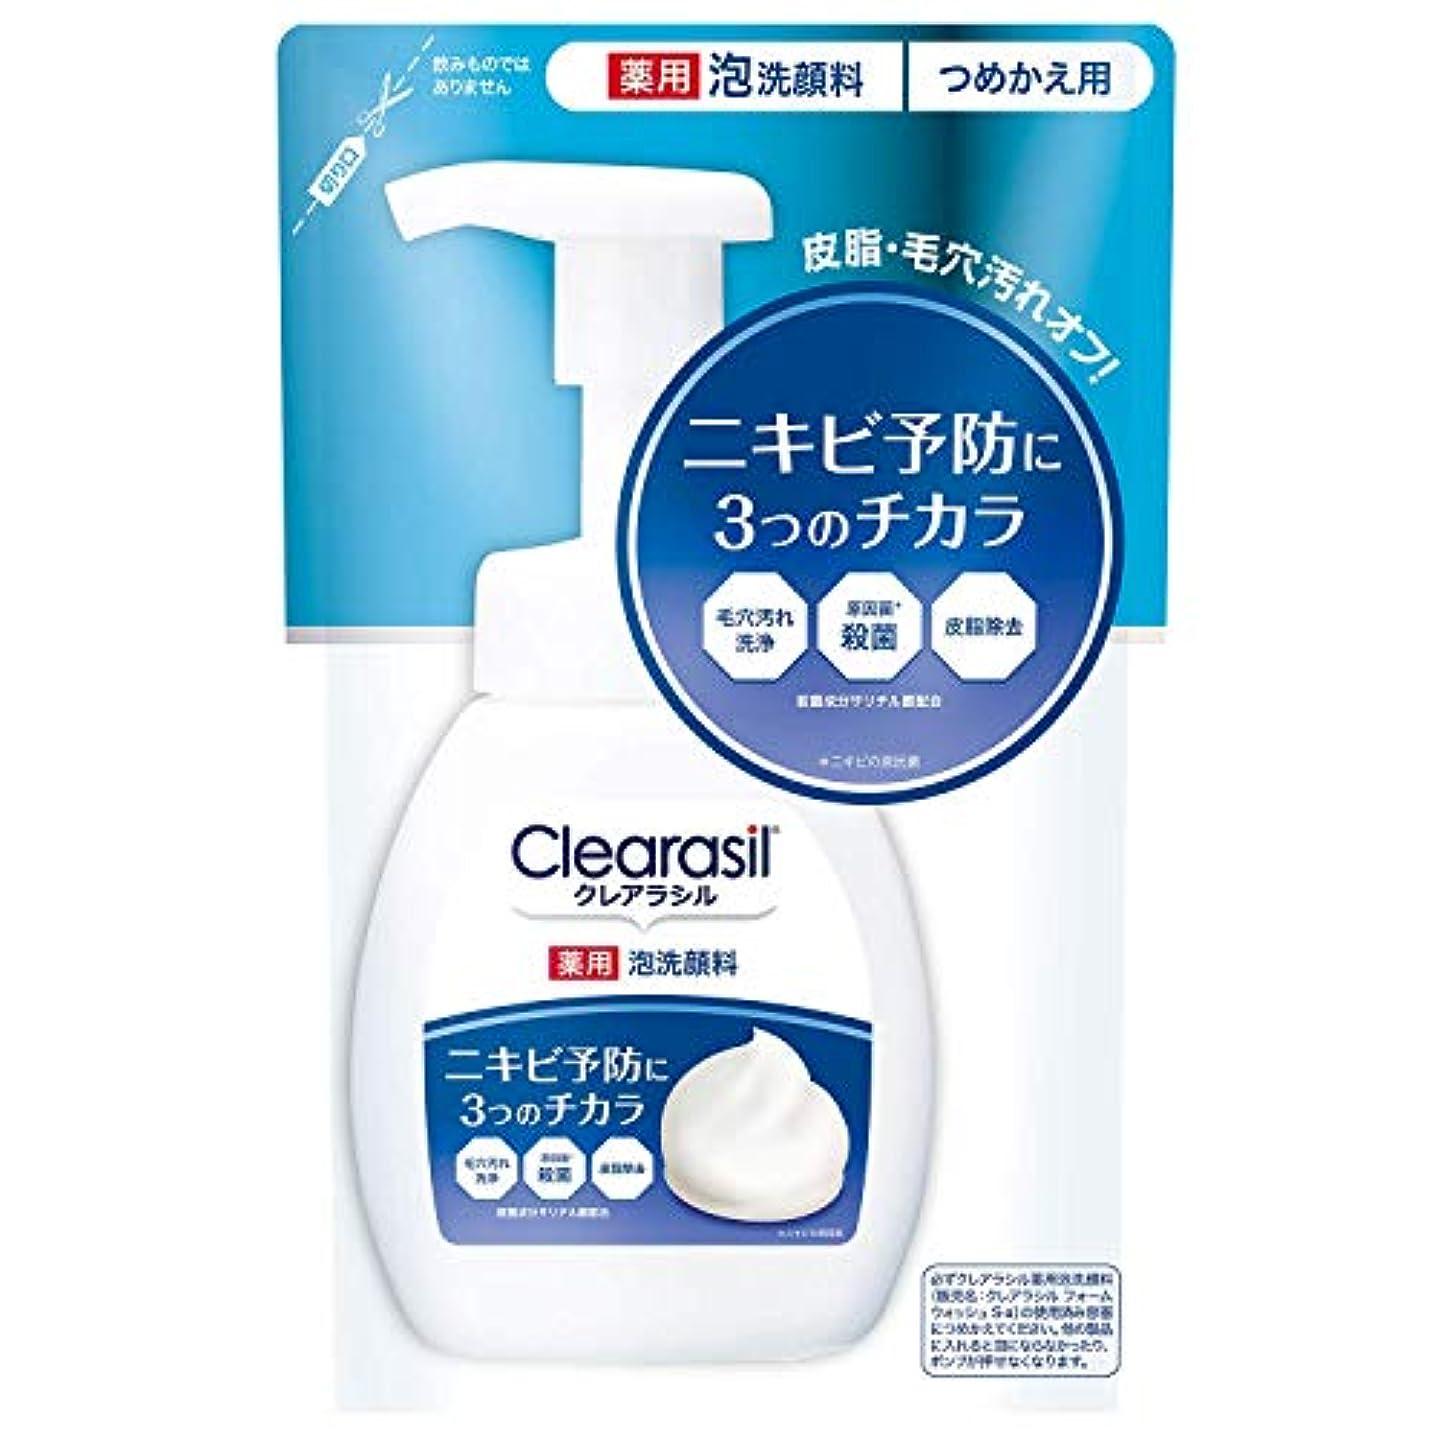 用量アサー使役【clearasil】クレアラシル 薬用泡洗顔フォーム10 つめかえ用 (180ml) ×10個セット